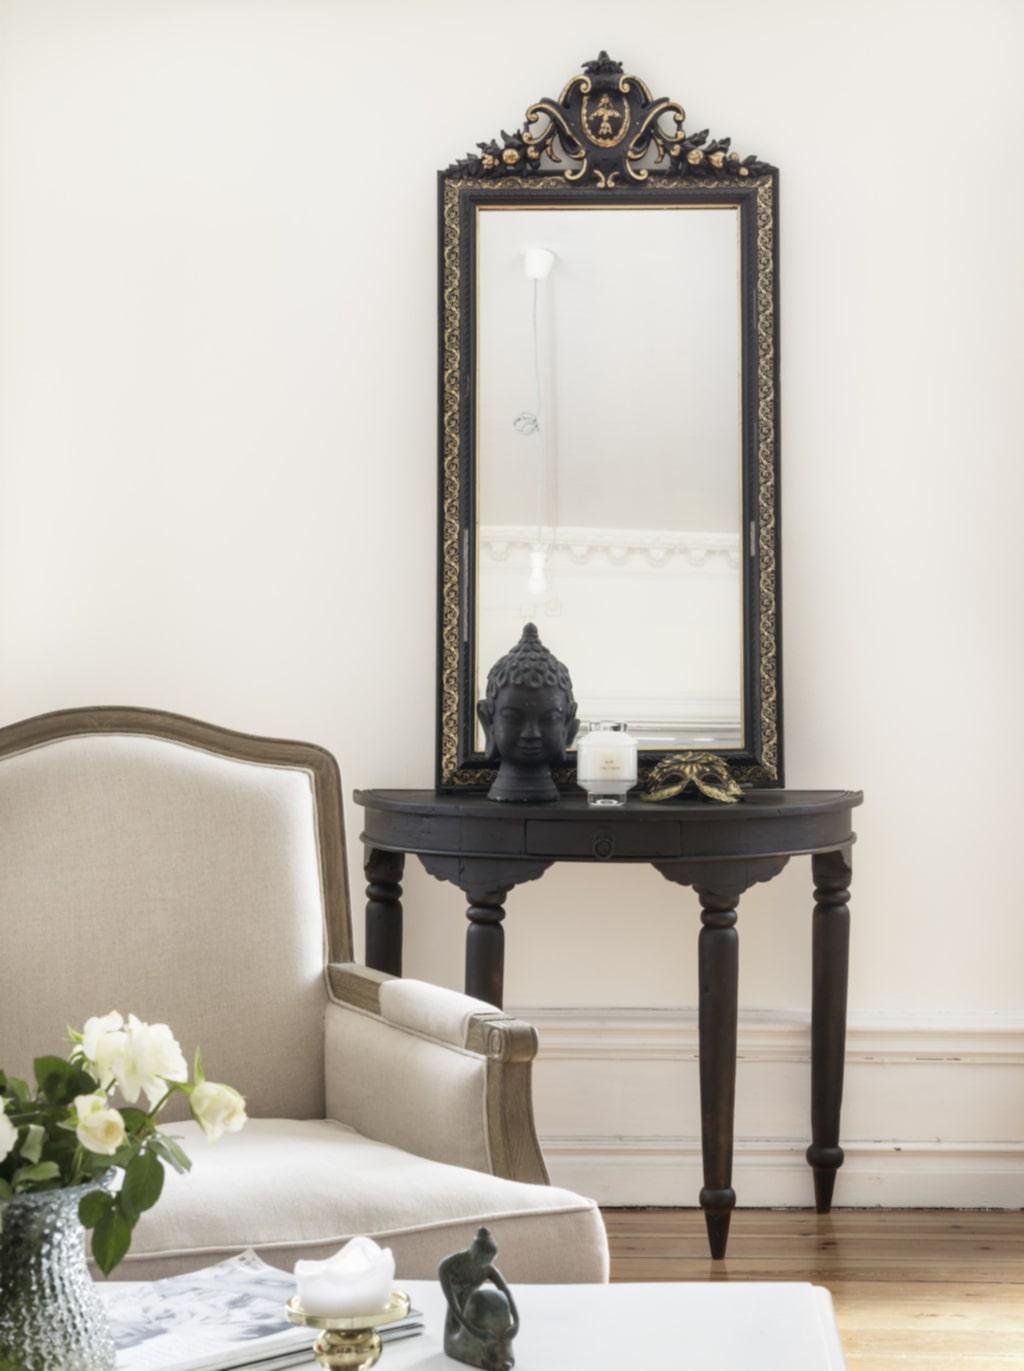 Kär favorit. Tina älskar gamla bord. Det svarta bordet kommer från Indonesien. Spegeln är köpt i en antikaffär.